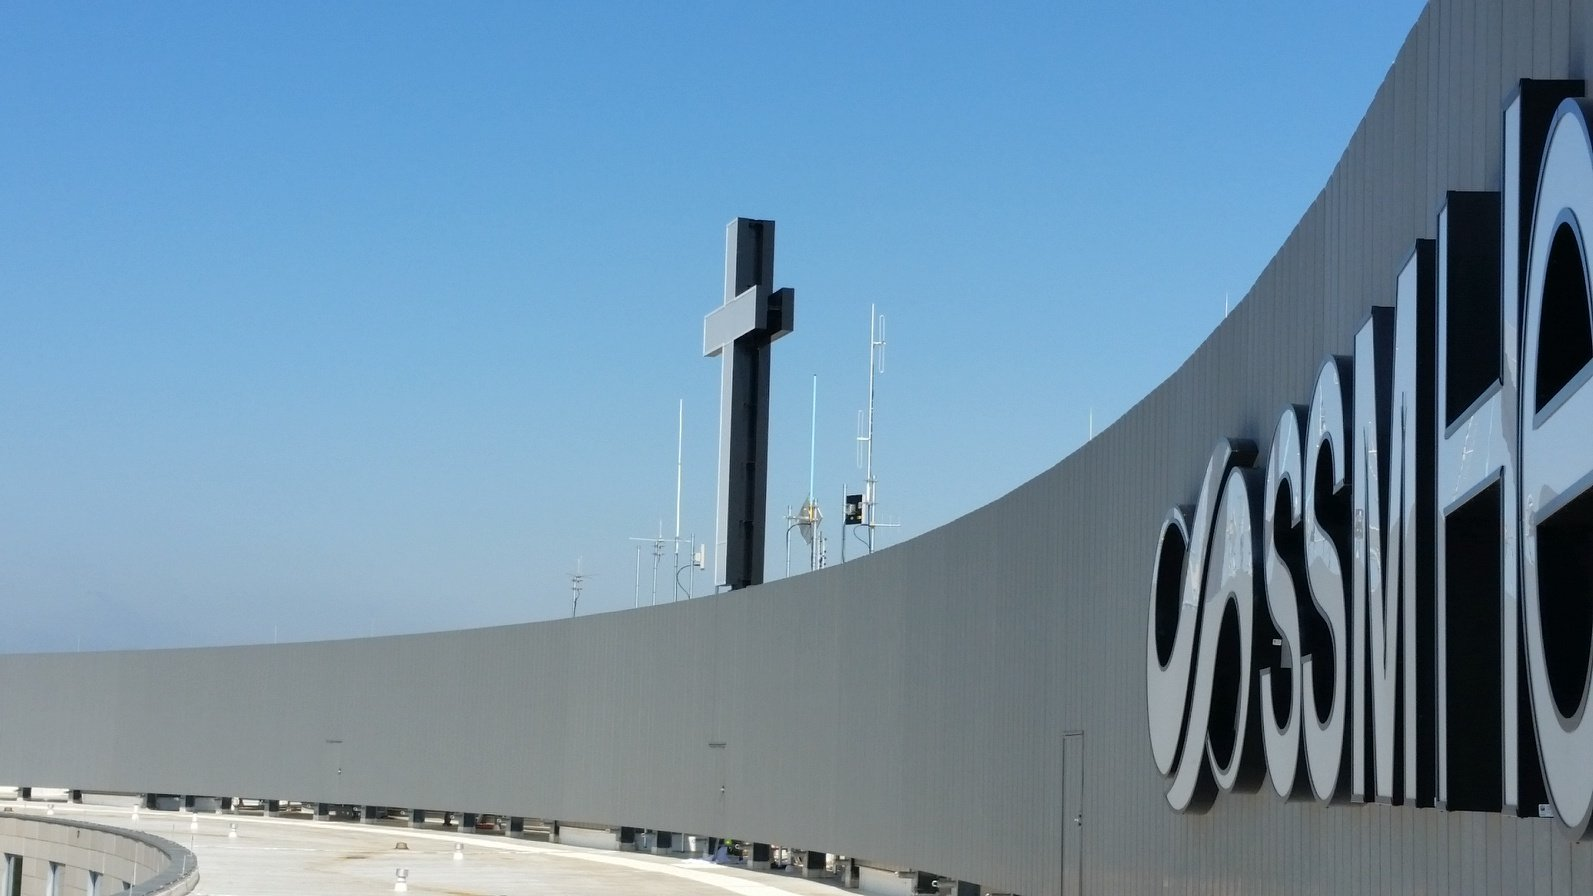 St. Mary's cross